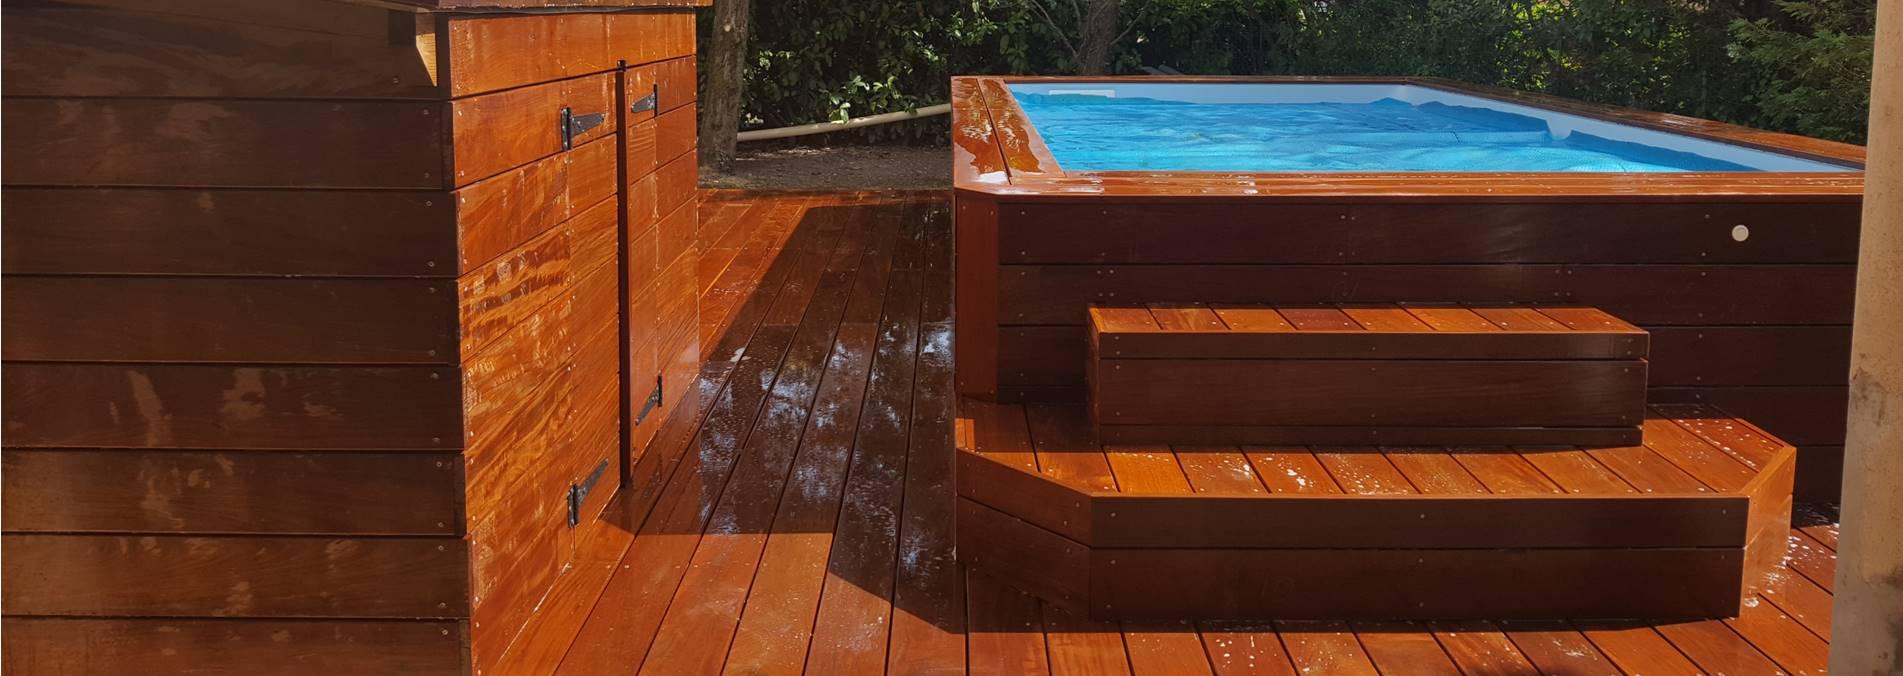 piscine bois et terrasse ipe grenoble